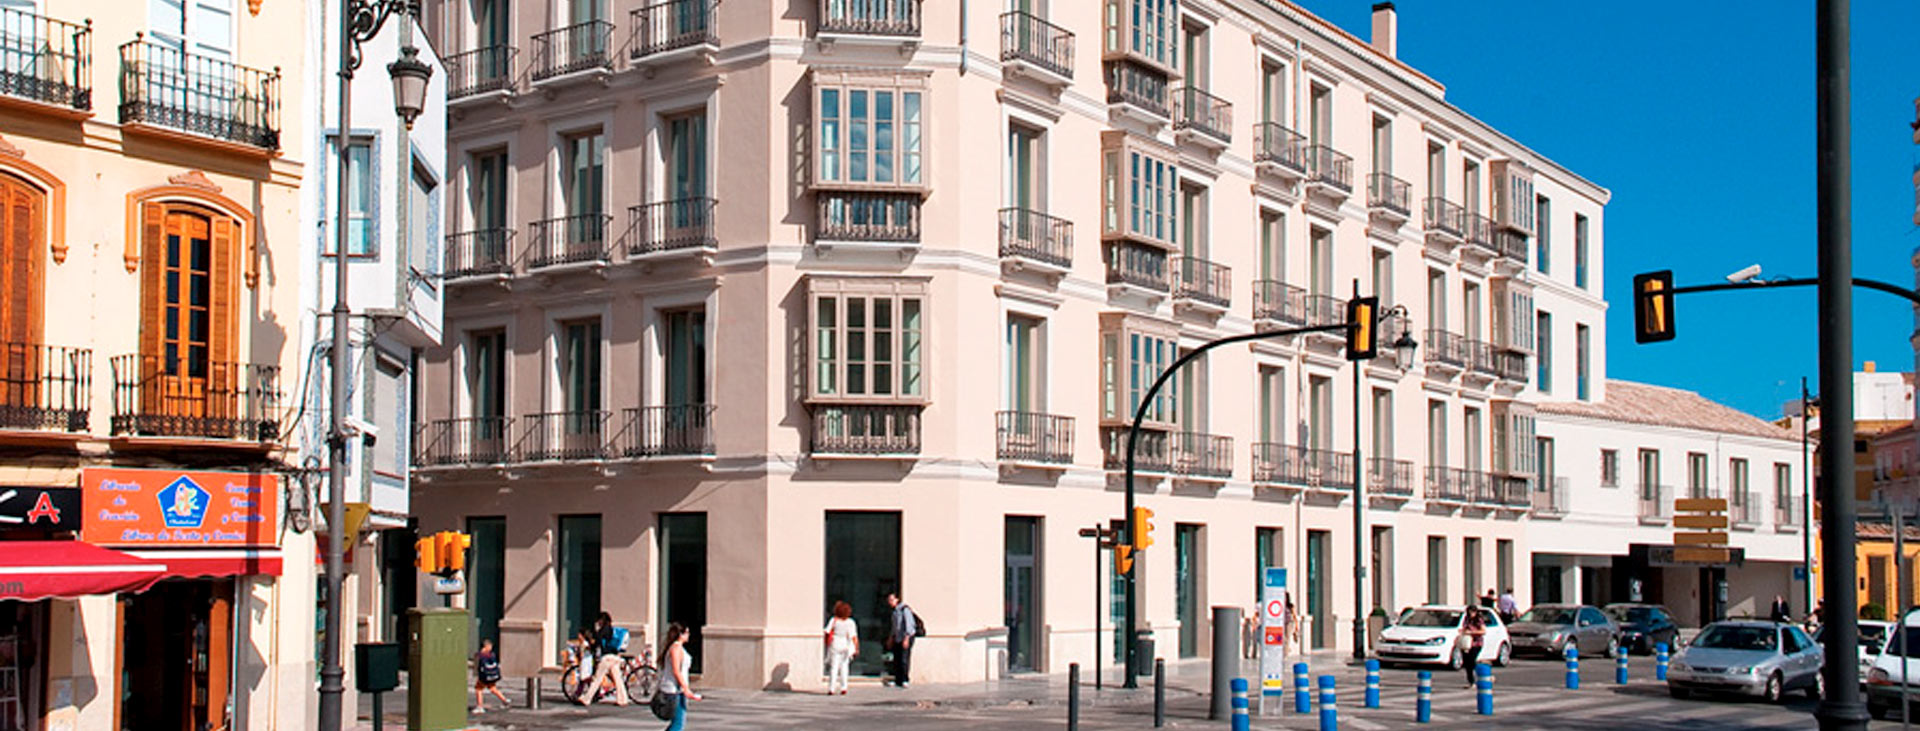 Vincci Selección Posada del Patio, Malaga, Costa del Sol, Spanien